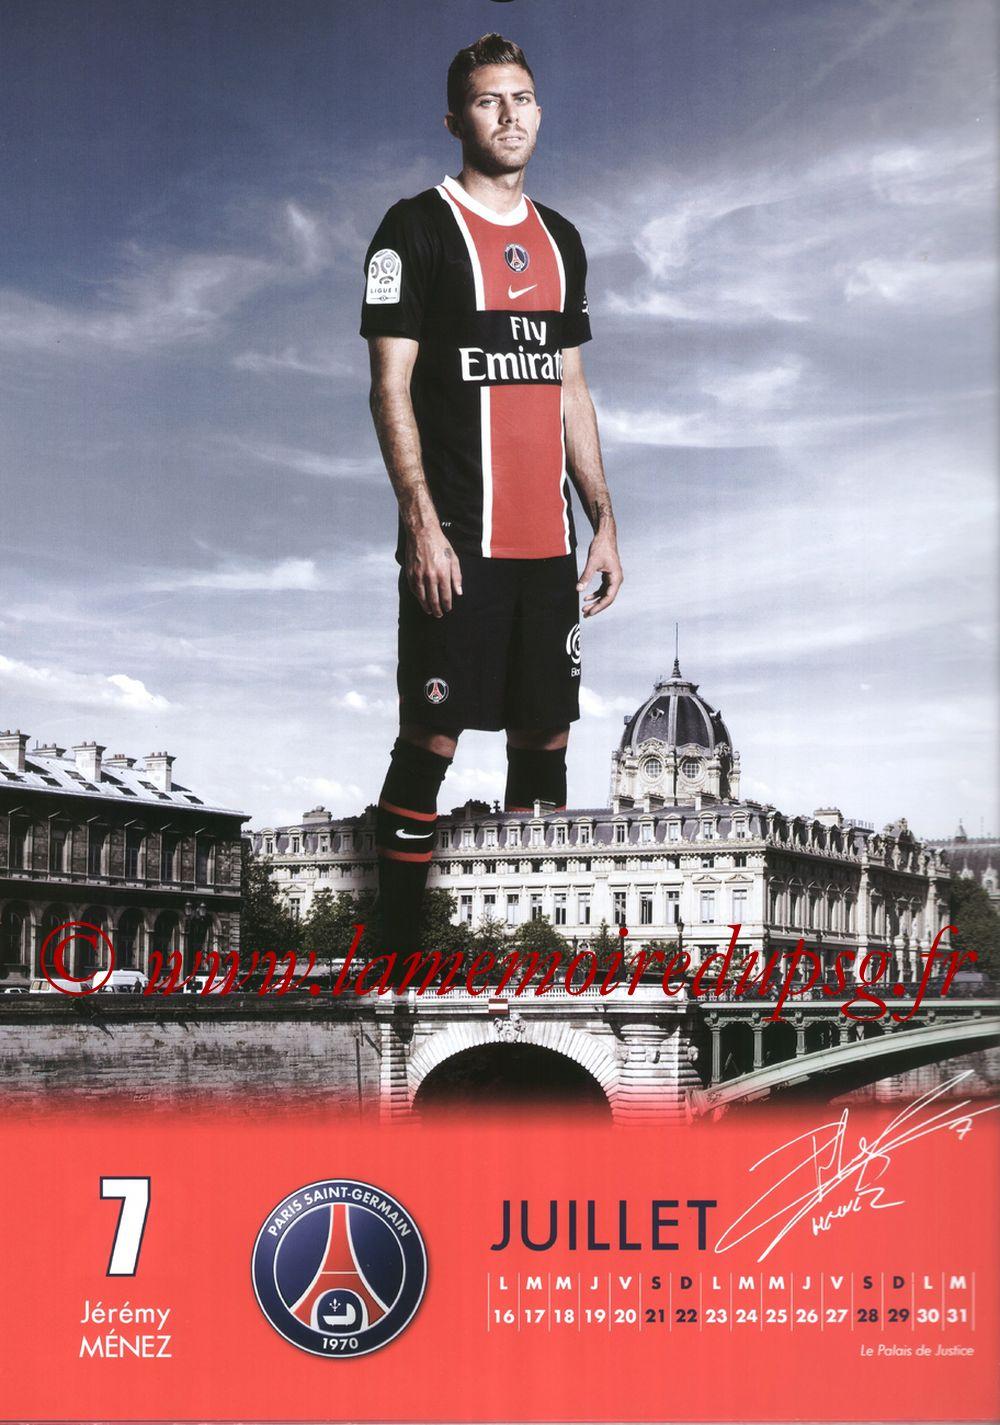 Calendrier PSG 2012 - Page 14 - Jérémy MENEZ